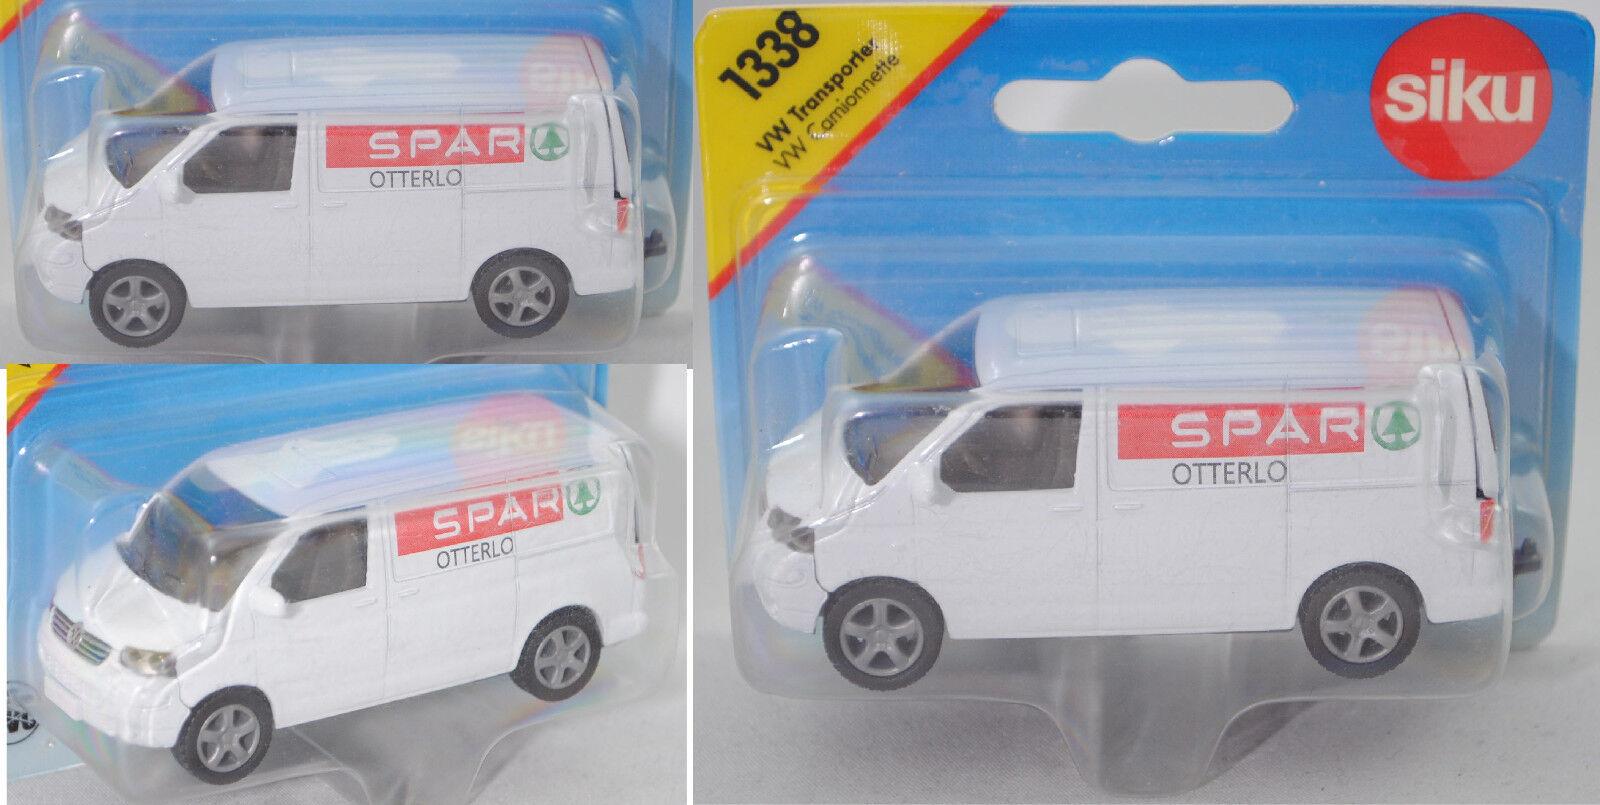 SIKU SUPER 1338 00423 vw t5 Transporteur Spar Otterlo, modèle spécial